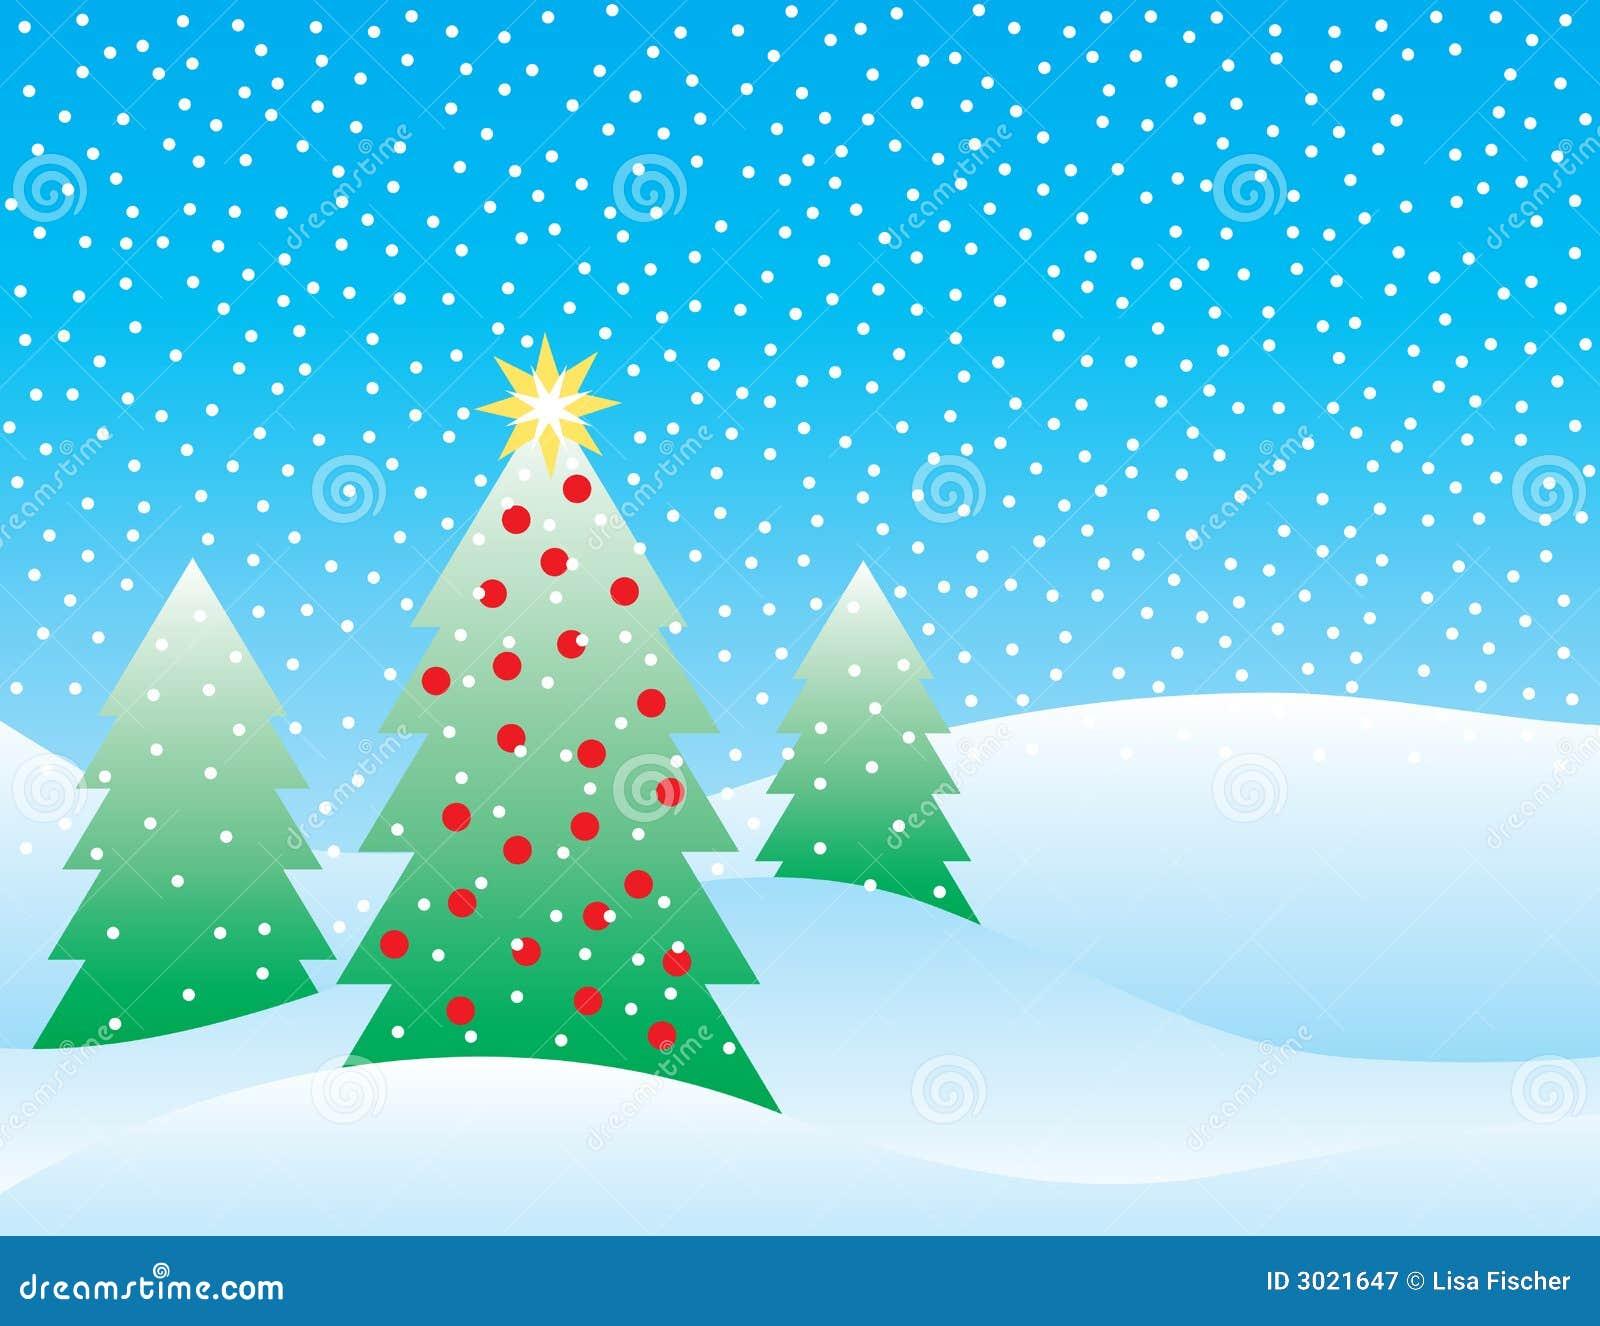 Snowy-Weihnachtsszene vektor abbildung. Illustration von karte - 3021647